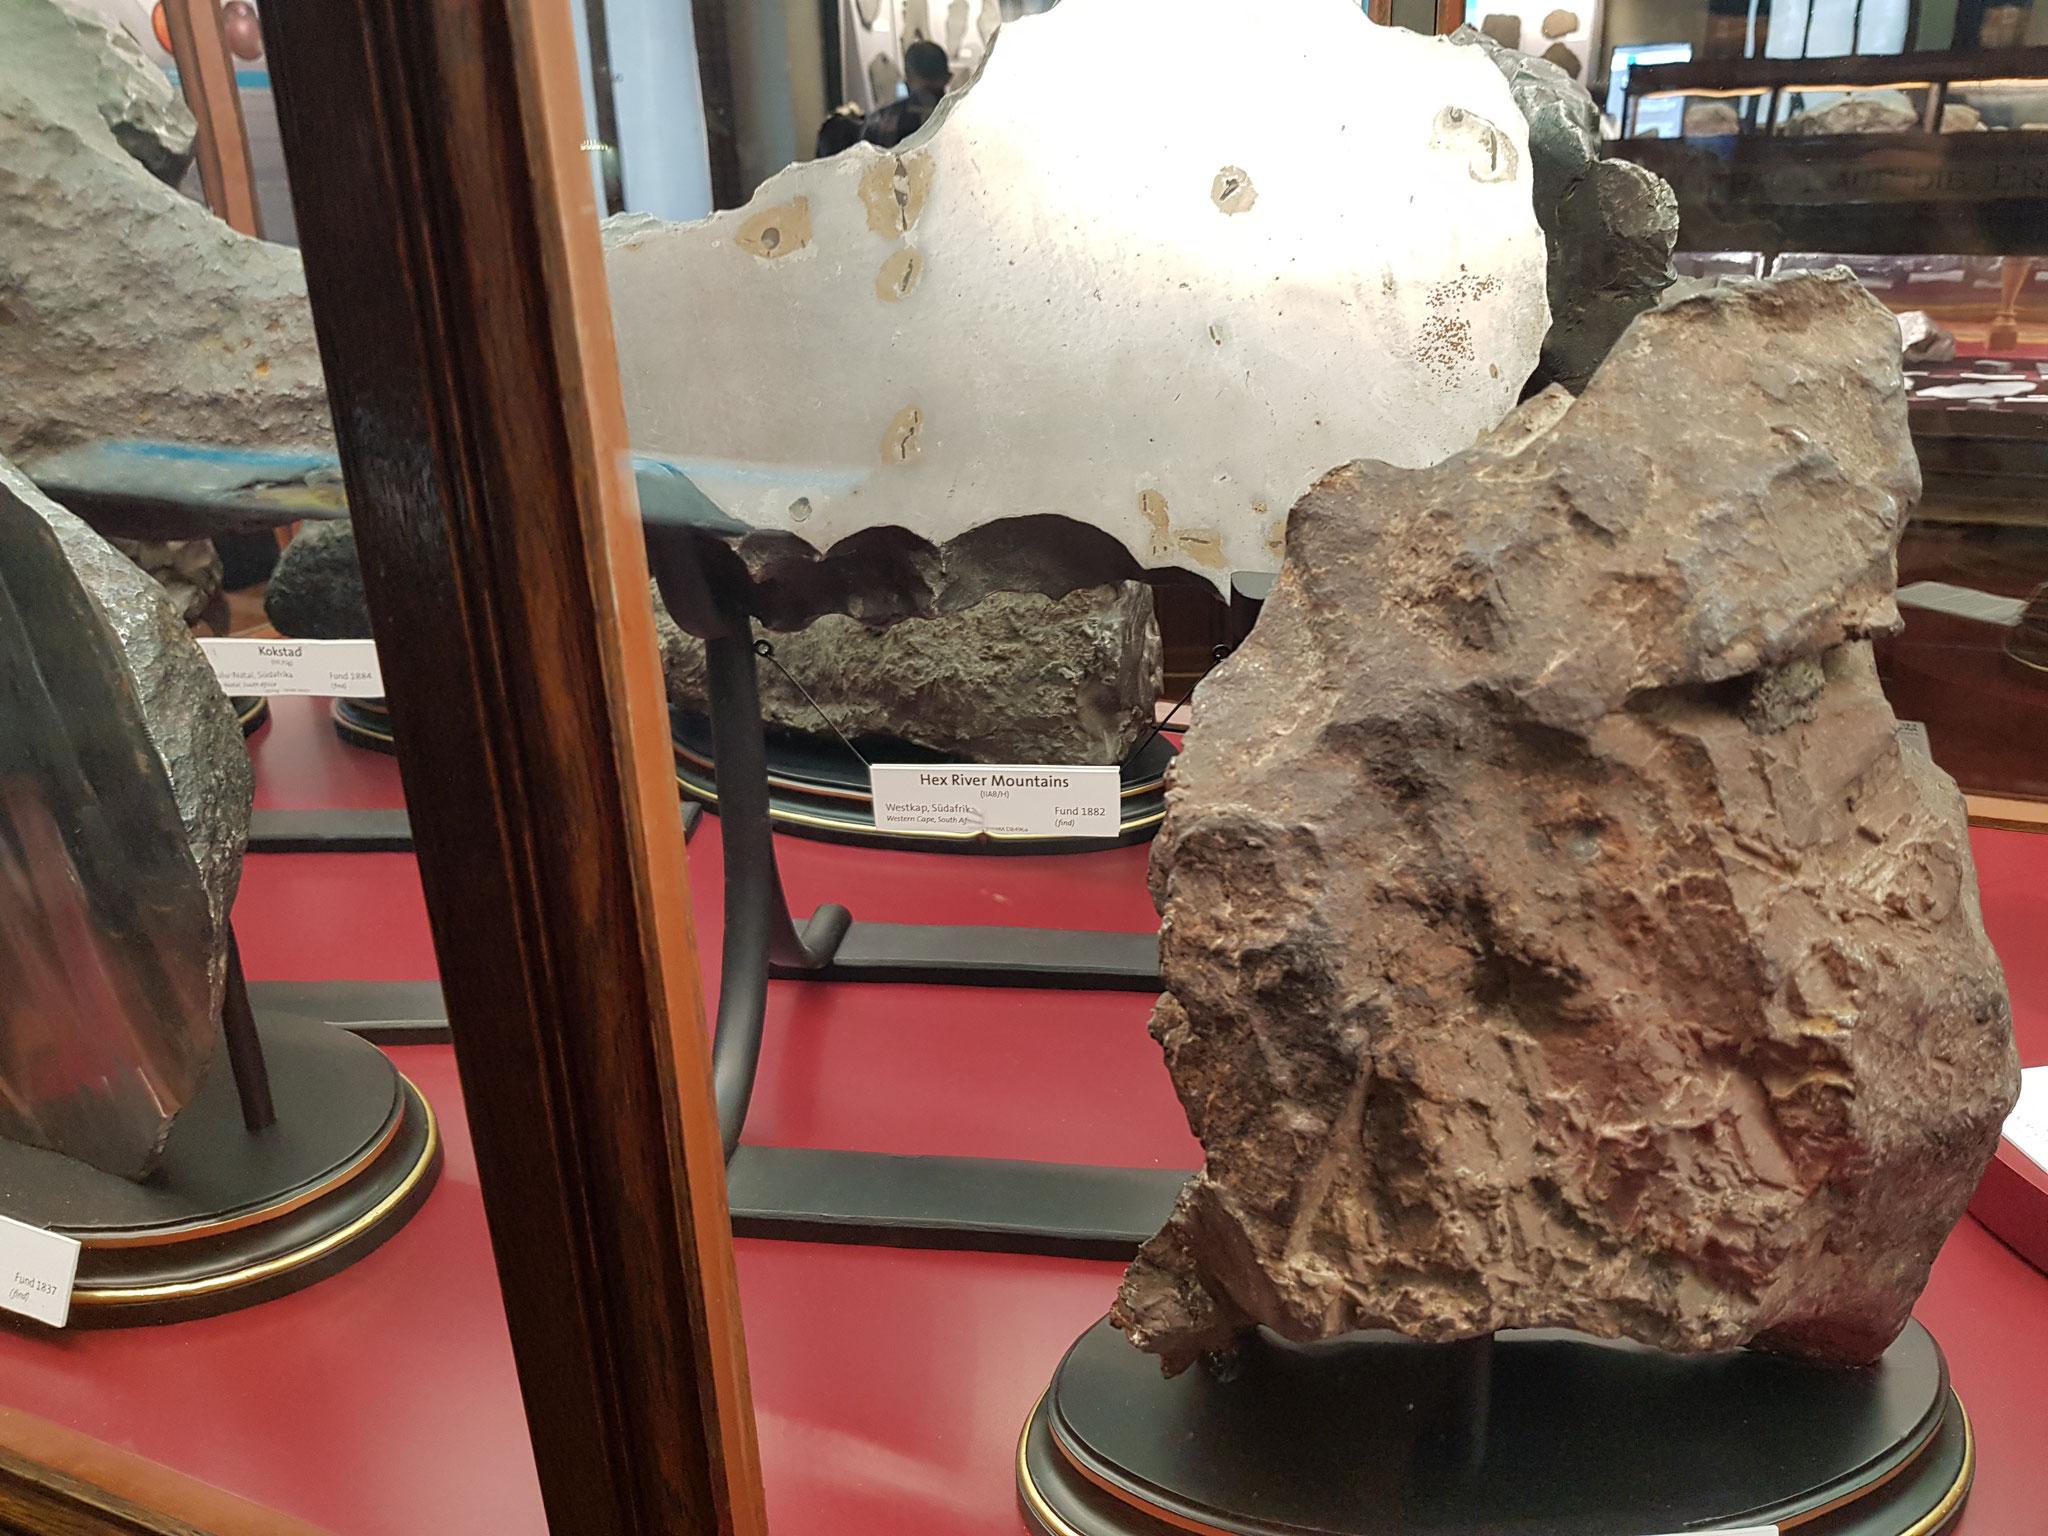 Abbildung 2. a.: Verschiedene Meteorite aus der Sammlung des Naturhistorischen Museums Wien (eigene Aufnahme)